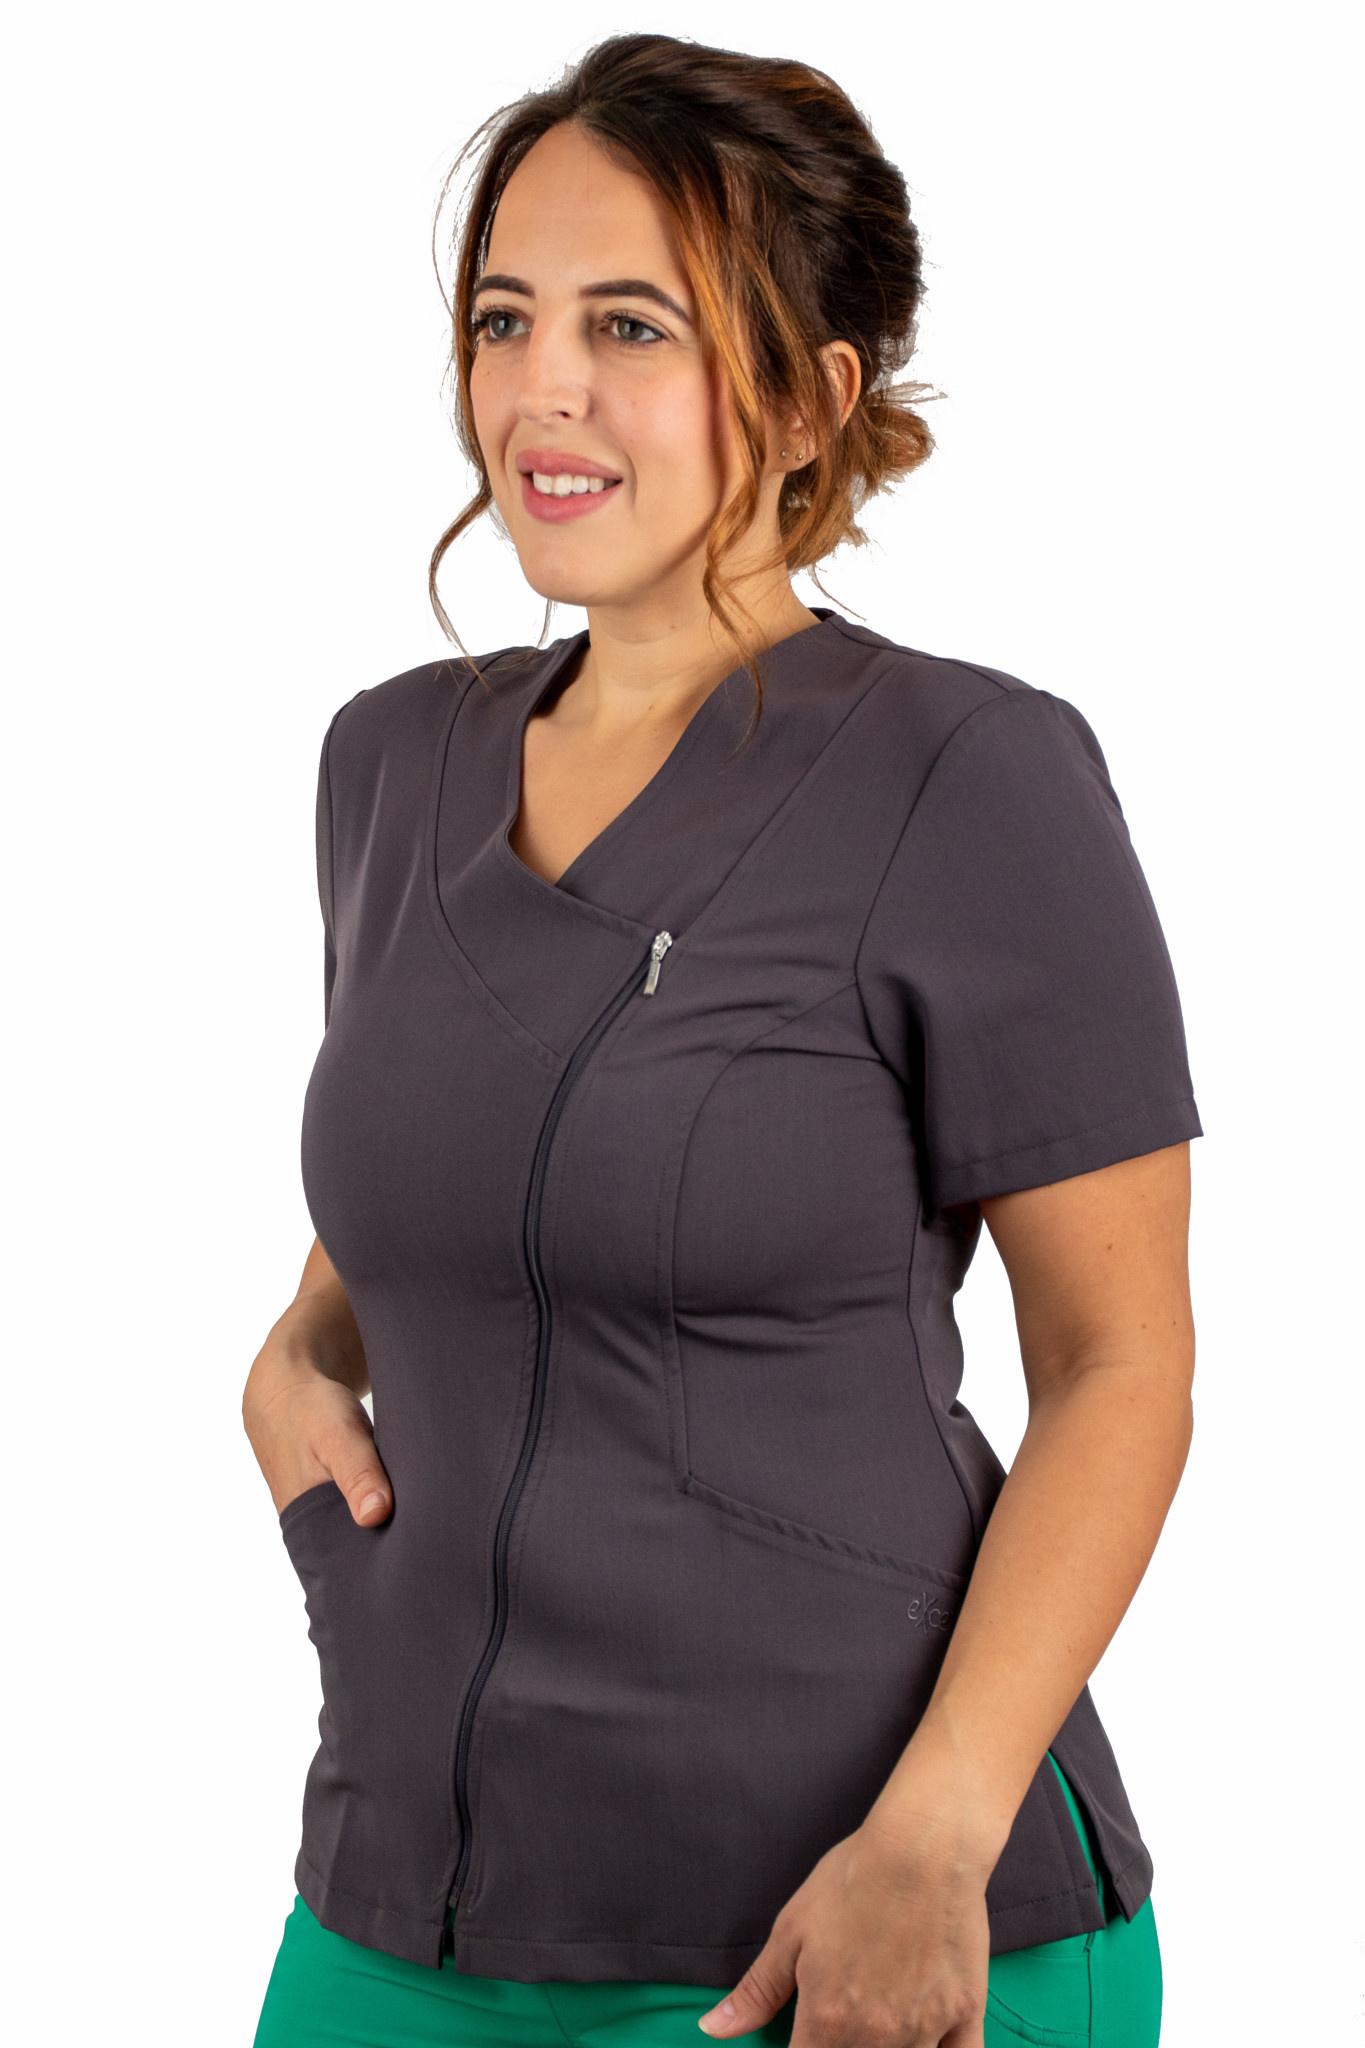 Carbon Asymmetrical Full Length Zipper Women's Top 575